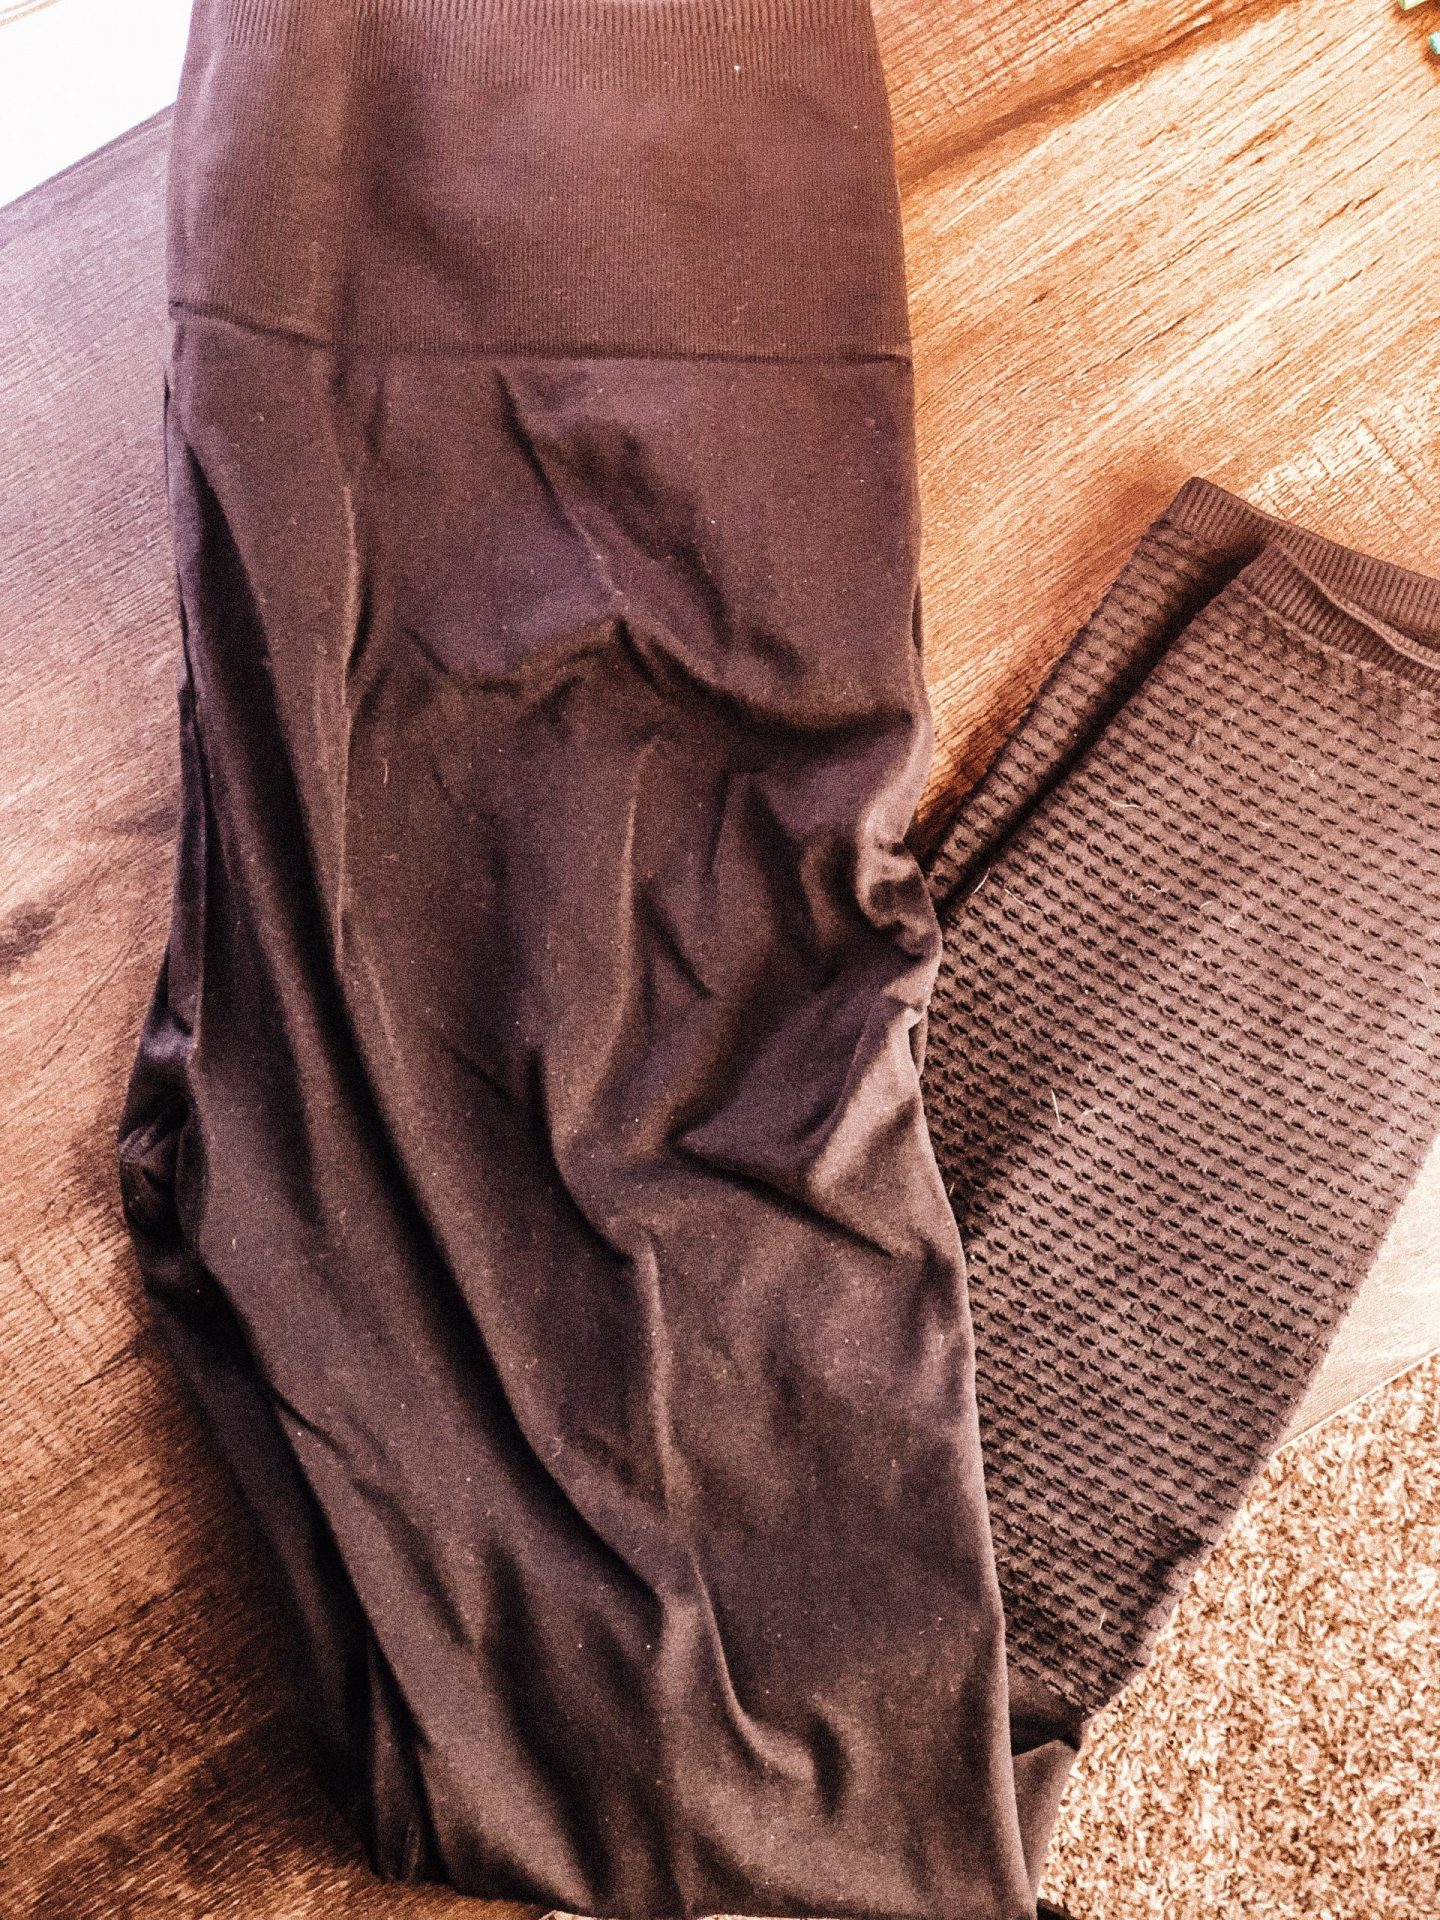 pair of leggings